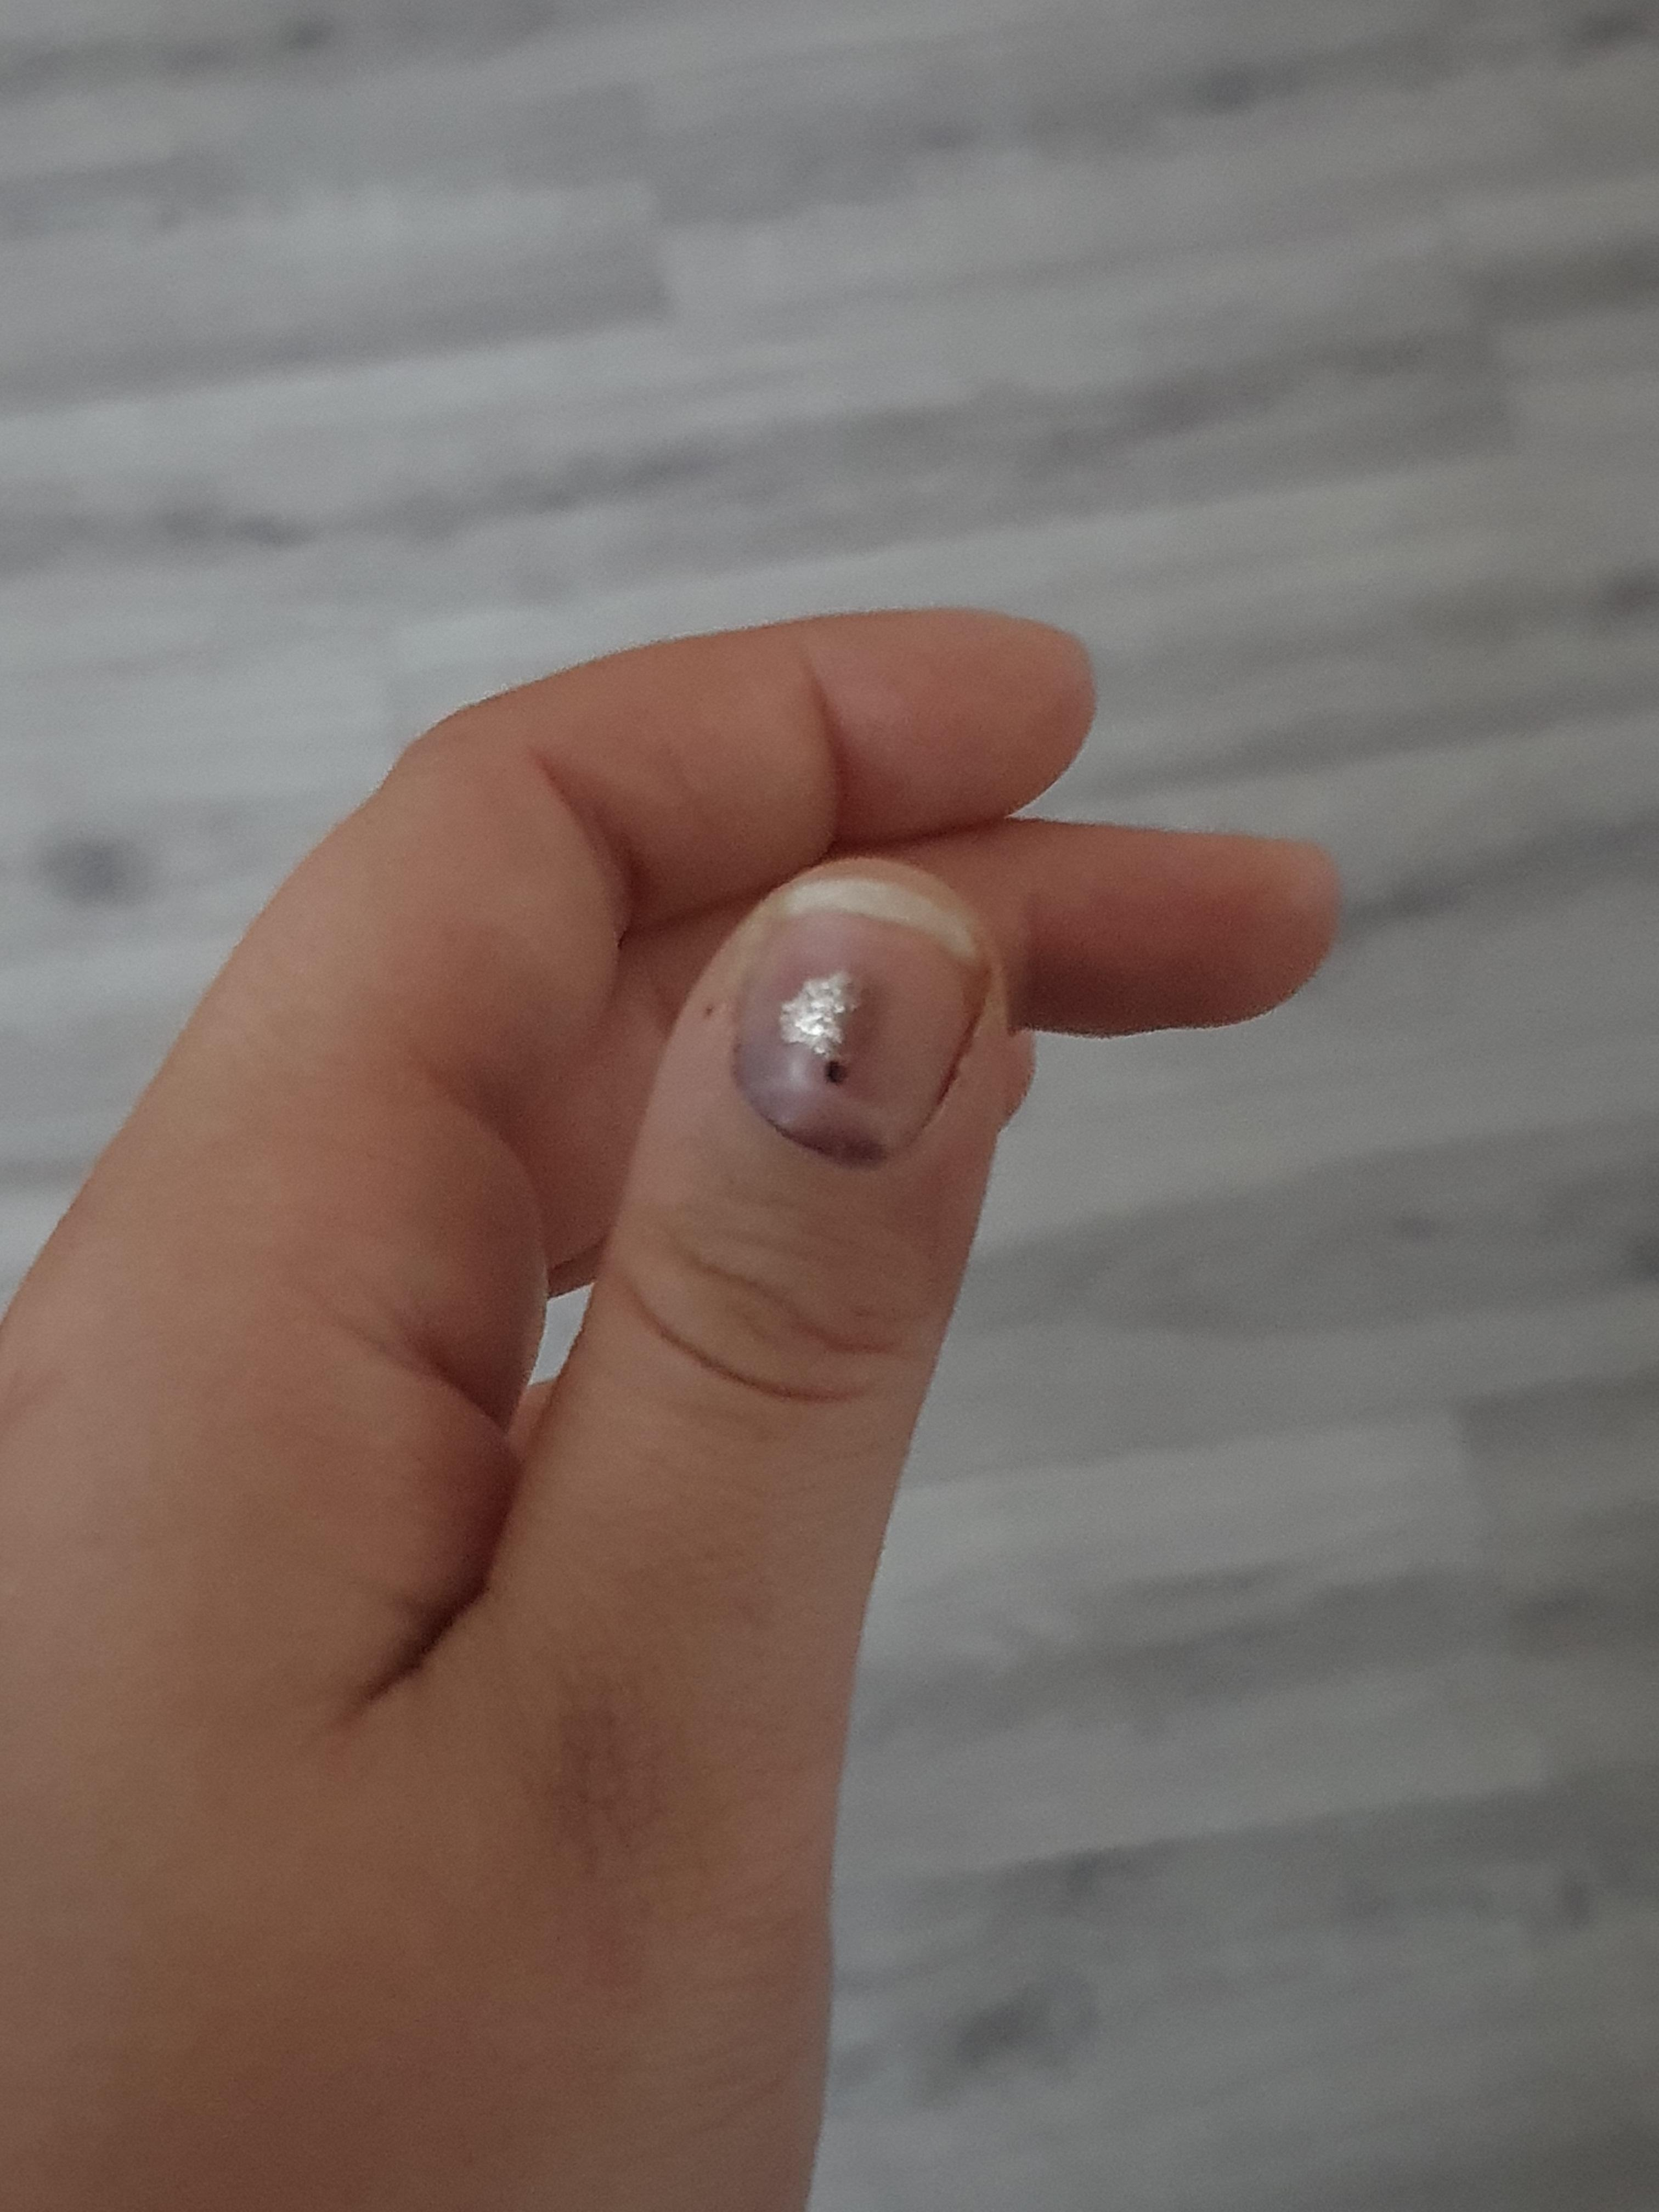 Wird mein Fingernagel abfallen? (Gesundheit und Medizin